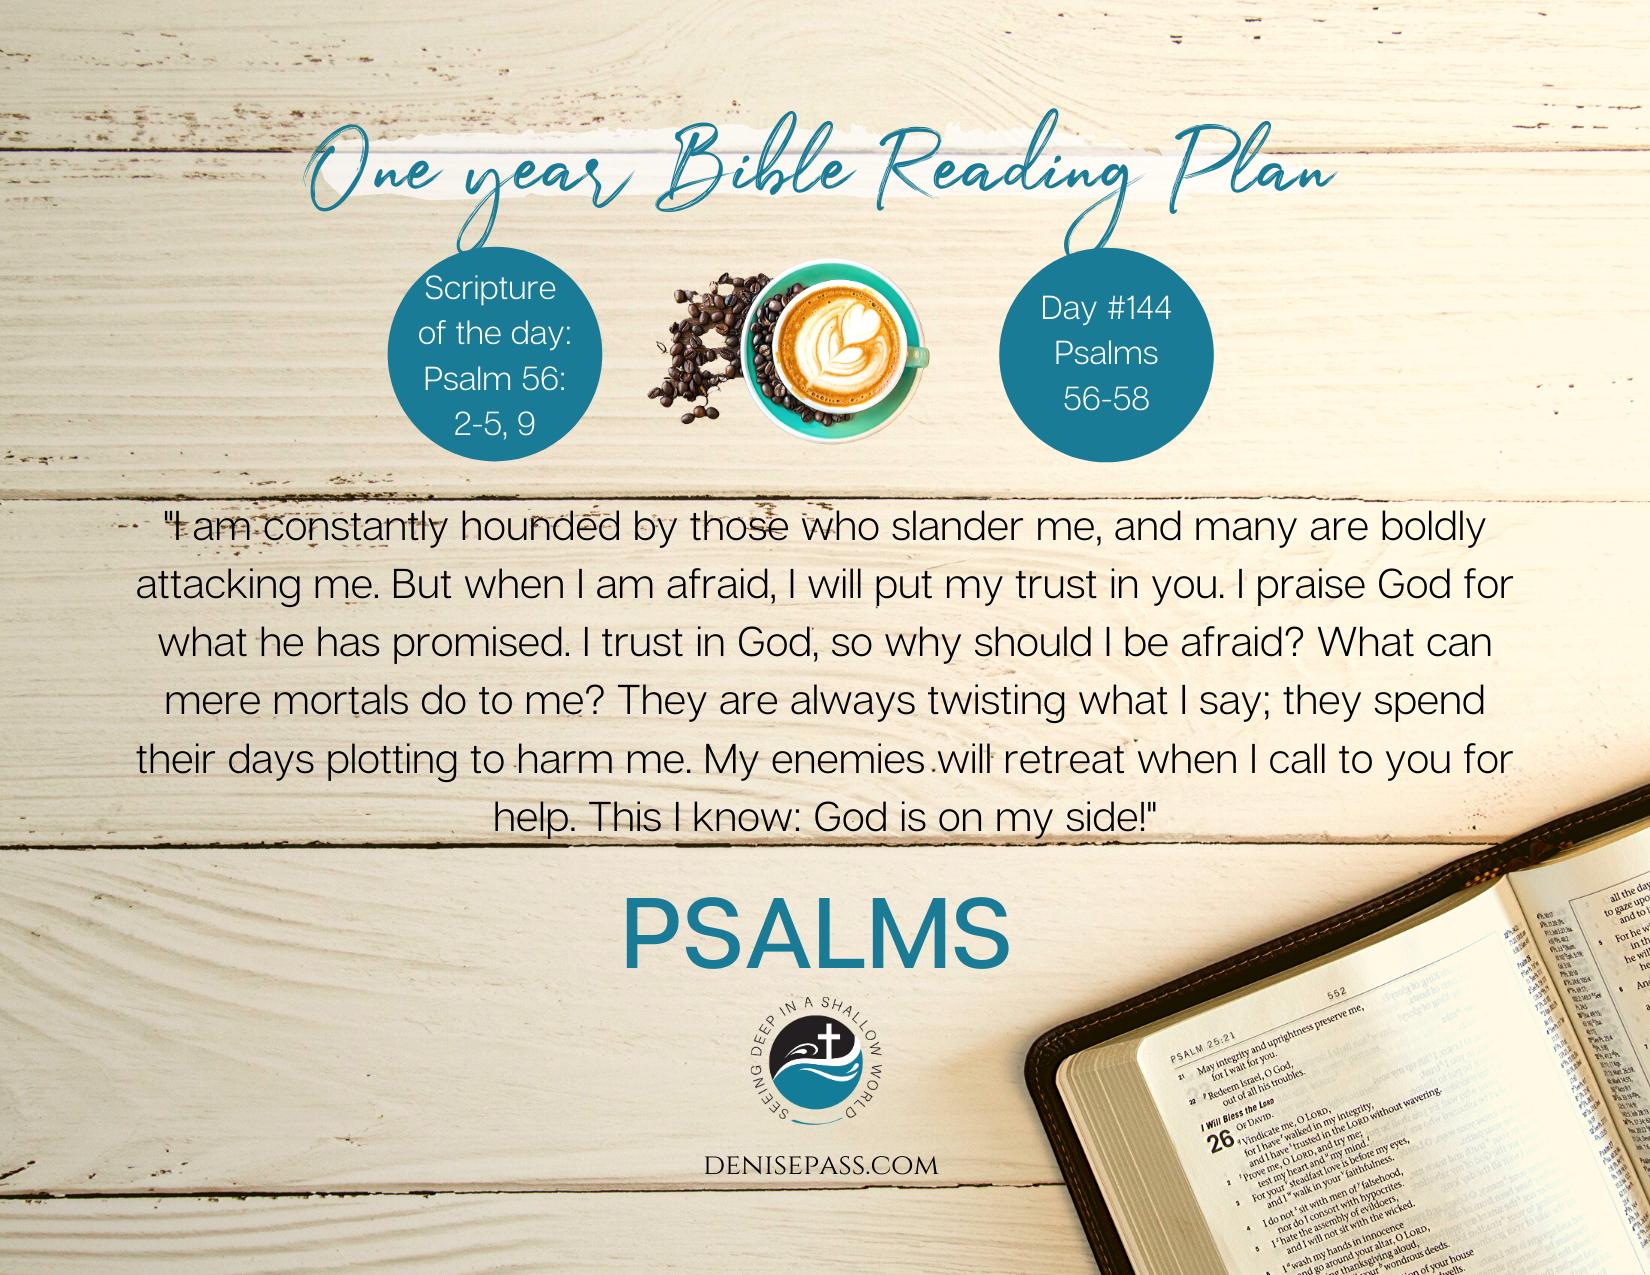 Psalms 56-58